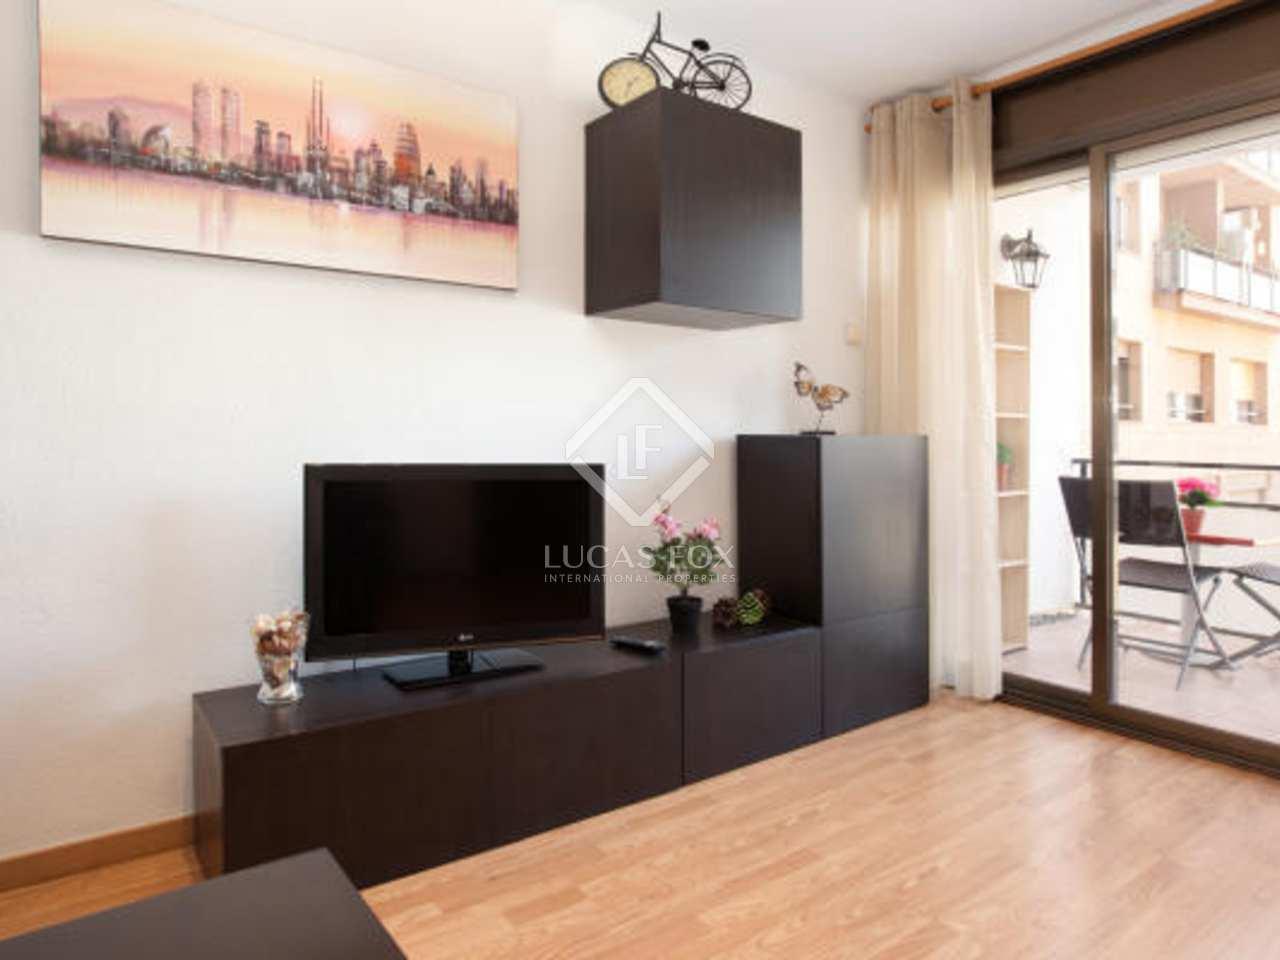 2 apartamentos con licencia tur stica en venta en barcelona for Licencia apartamento turistico madrid